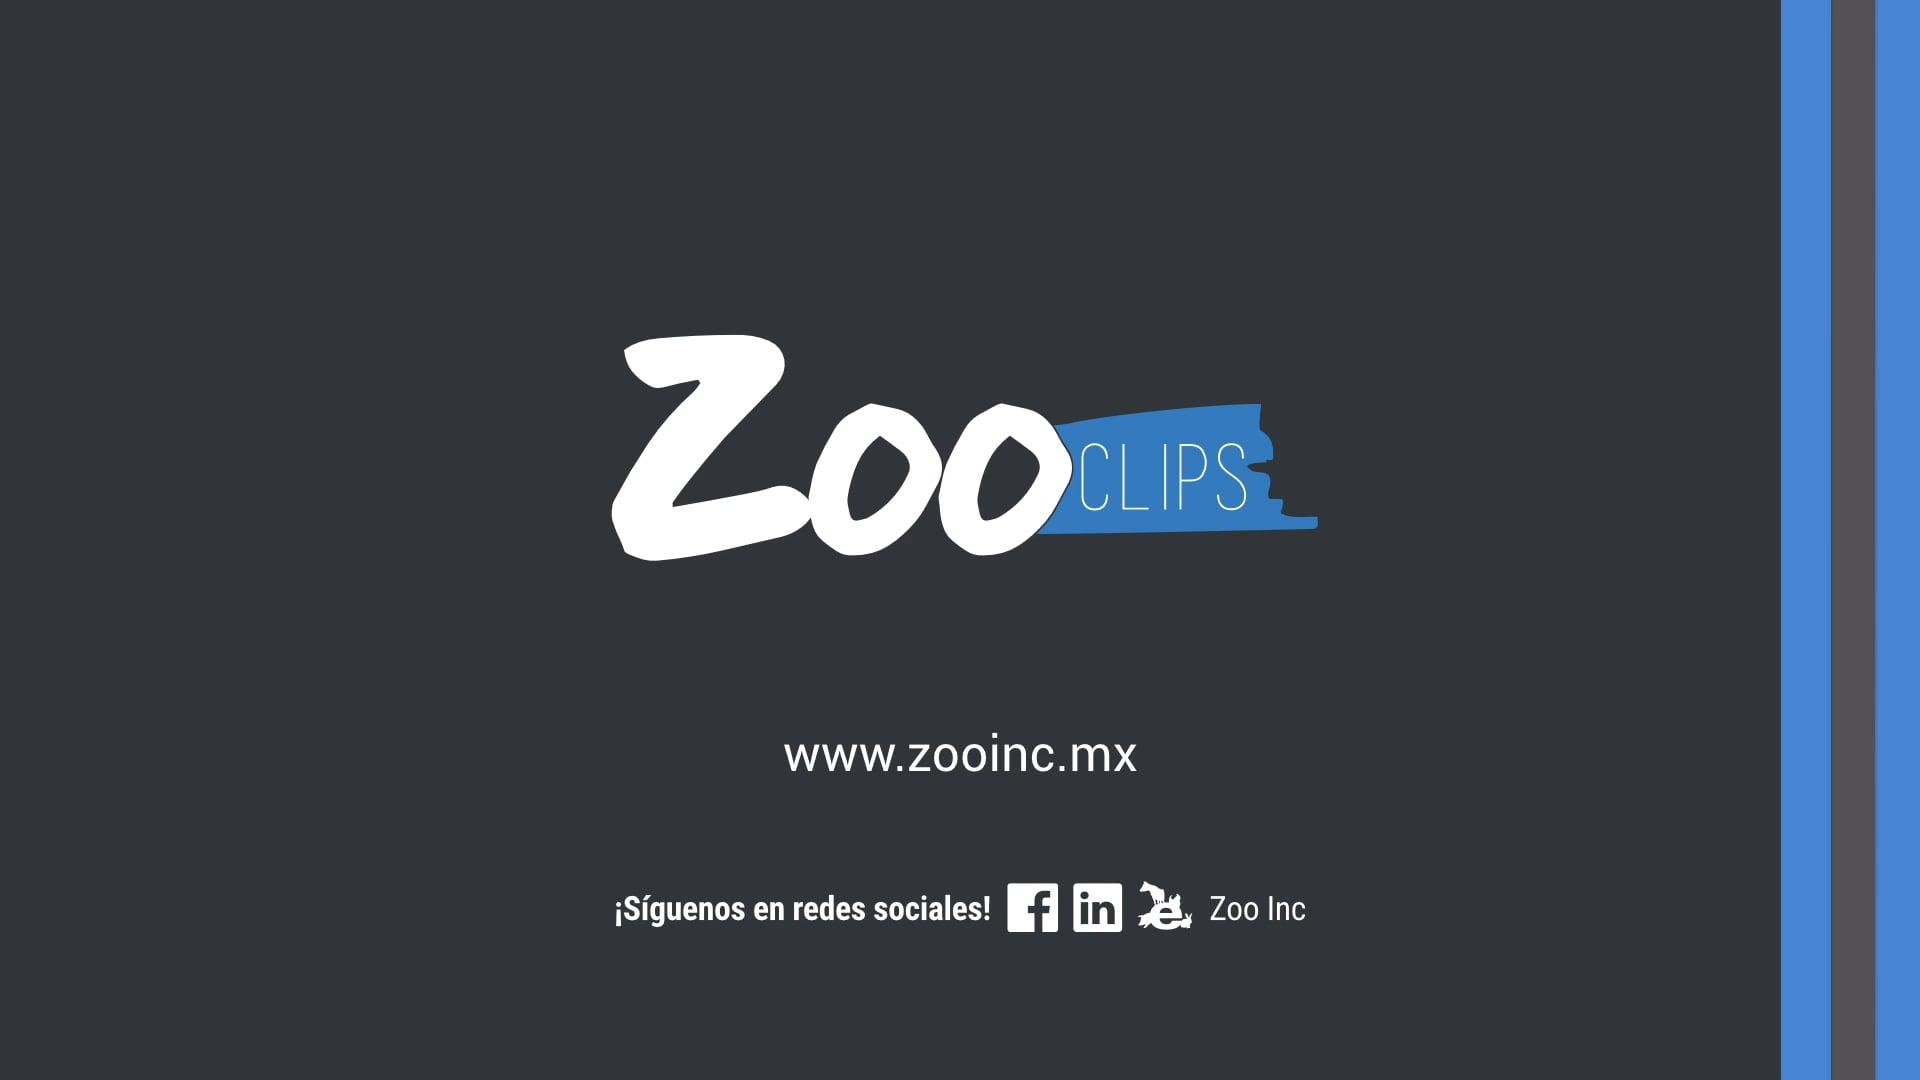 Zoo Clip: Posicionamiento de marca